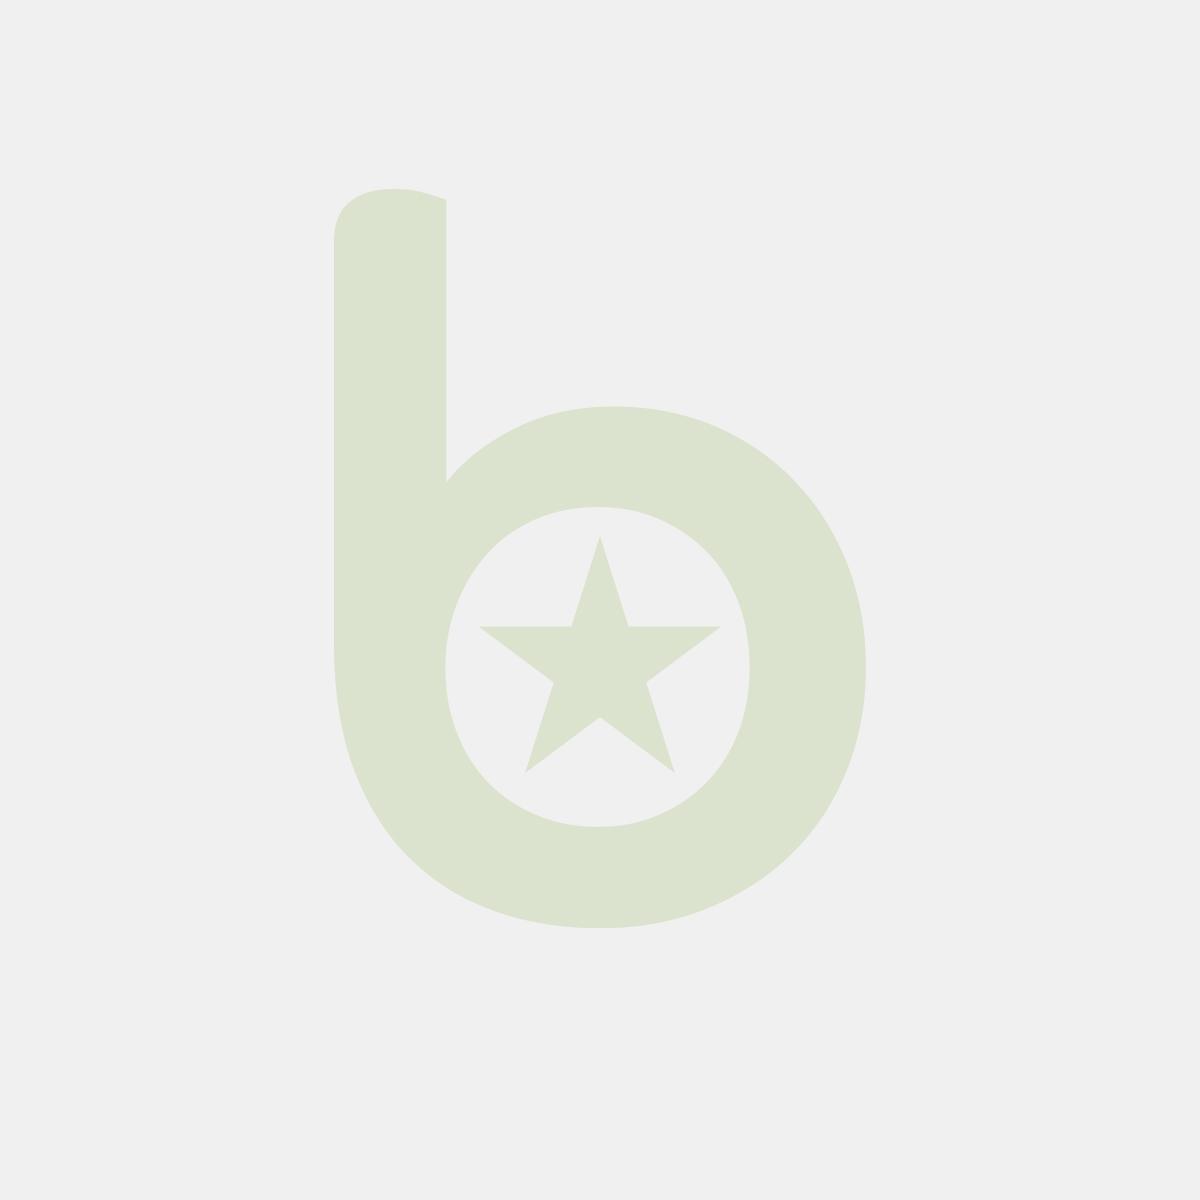 Podstawka chłodząca pod laptopa KENSINGTON LiftOff™, do 17